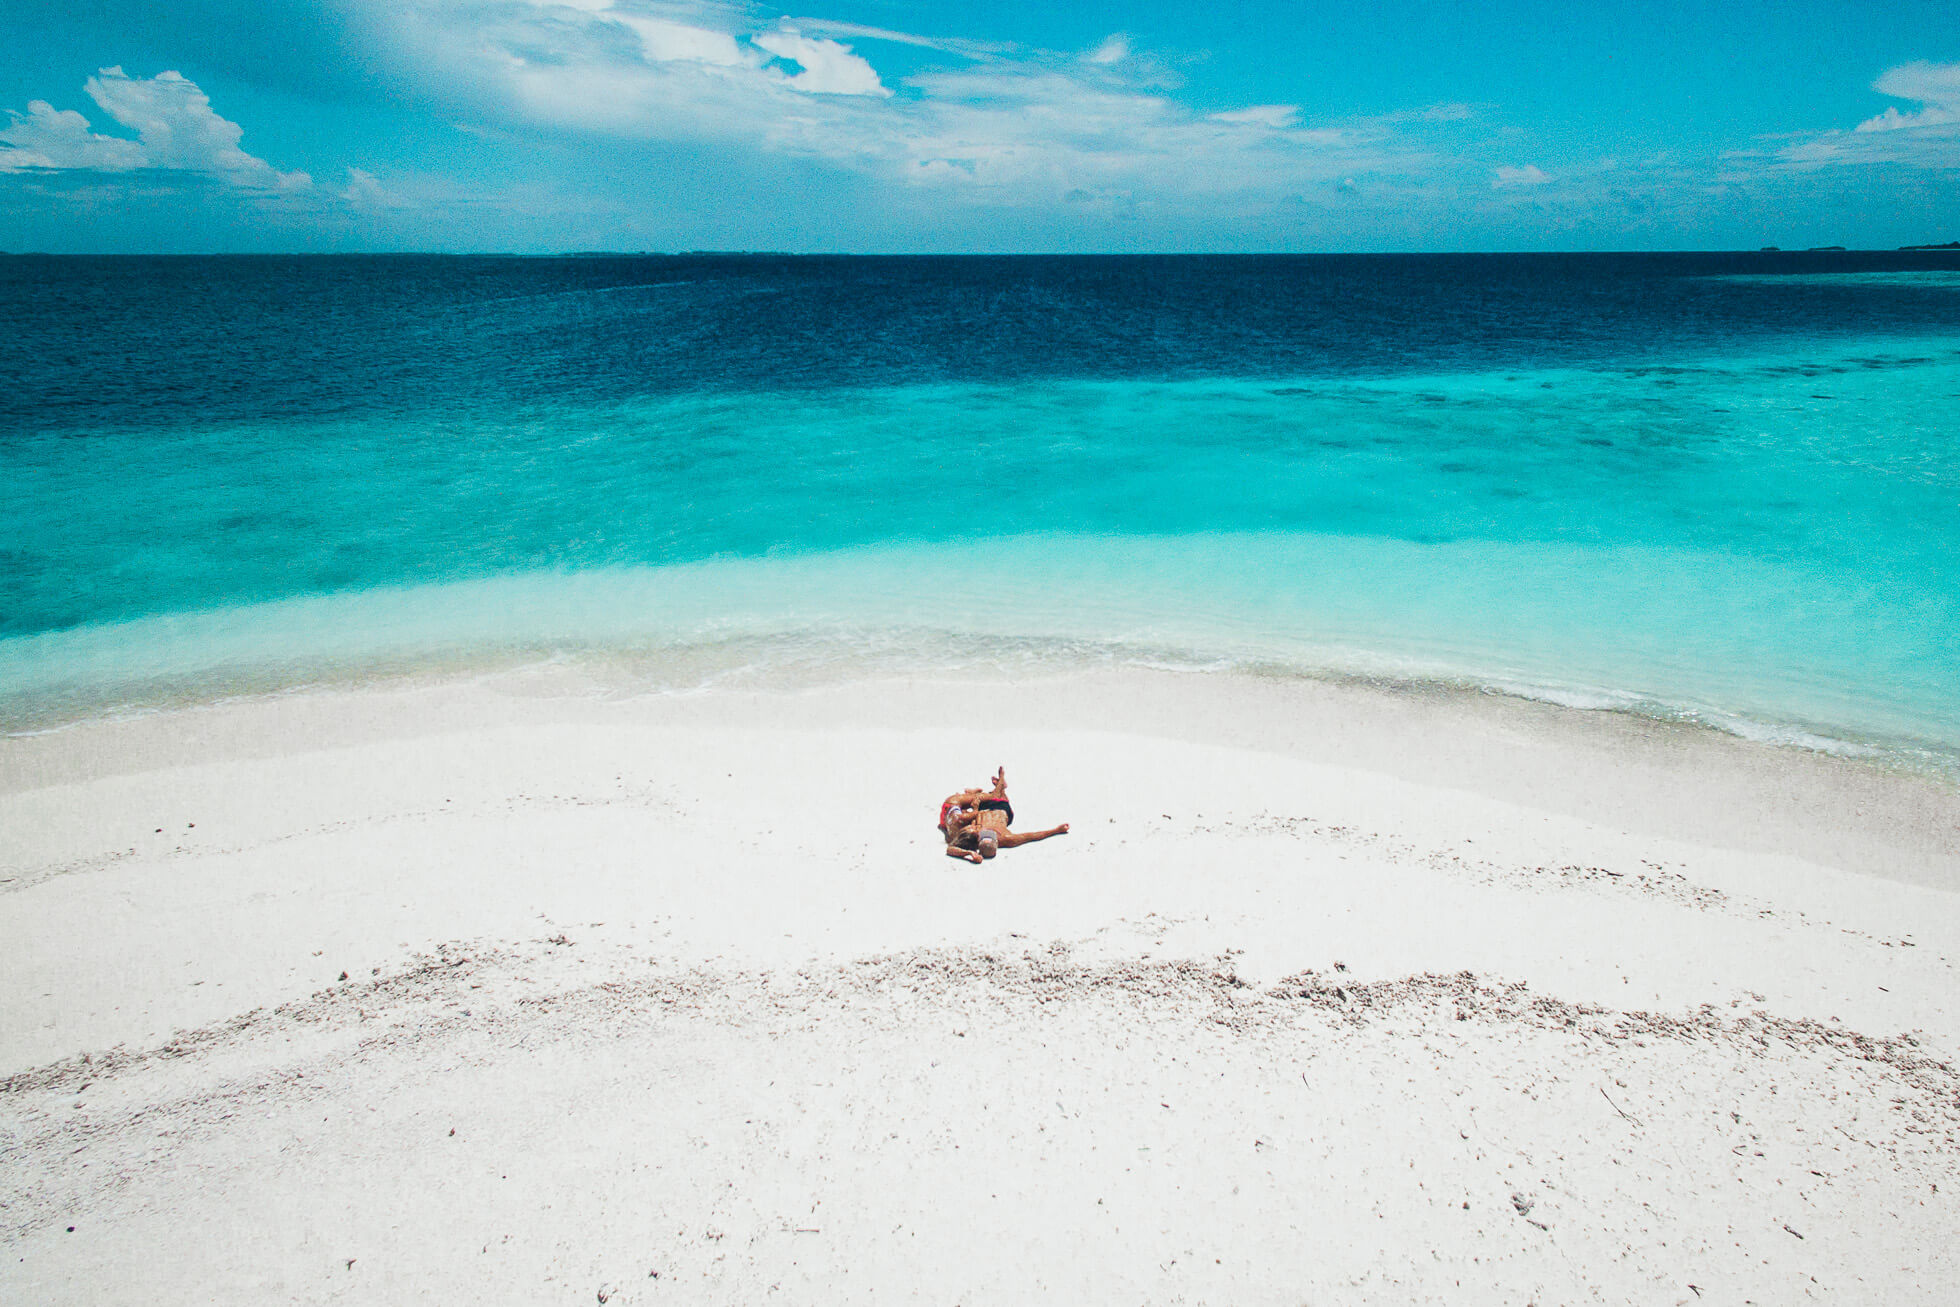 janni-deler-maldives-above-dronedji_0123